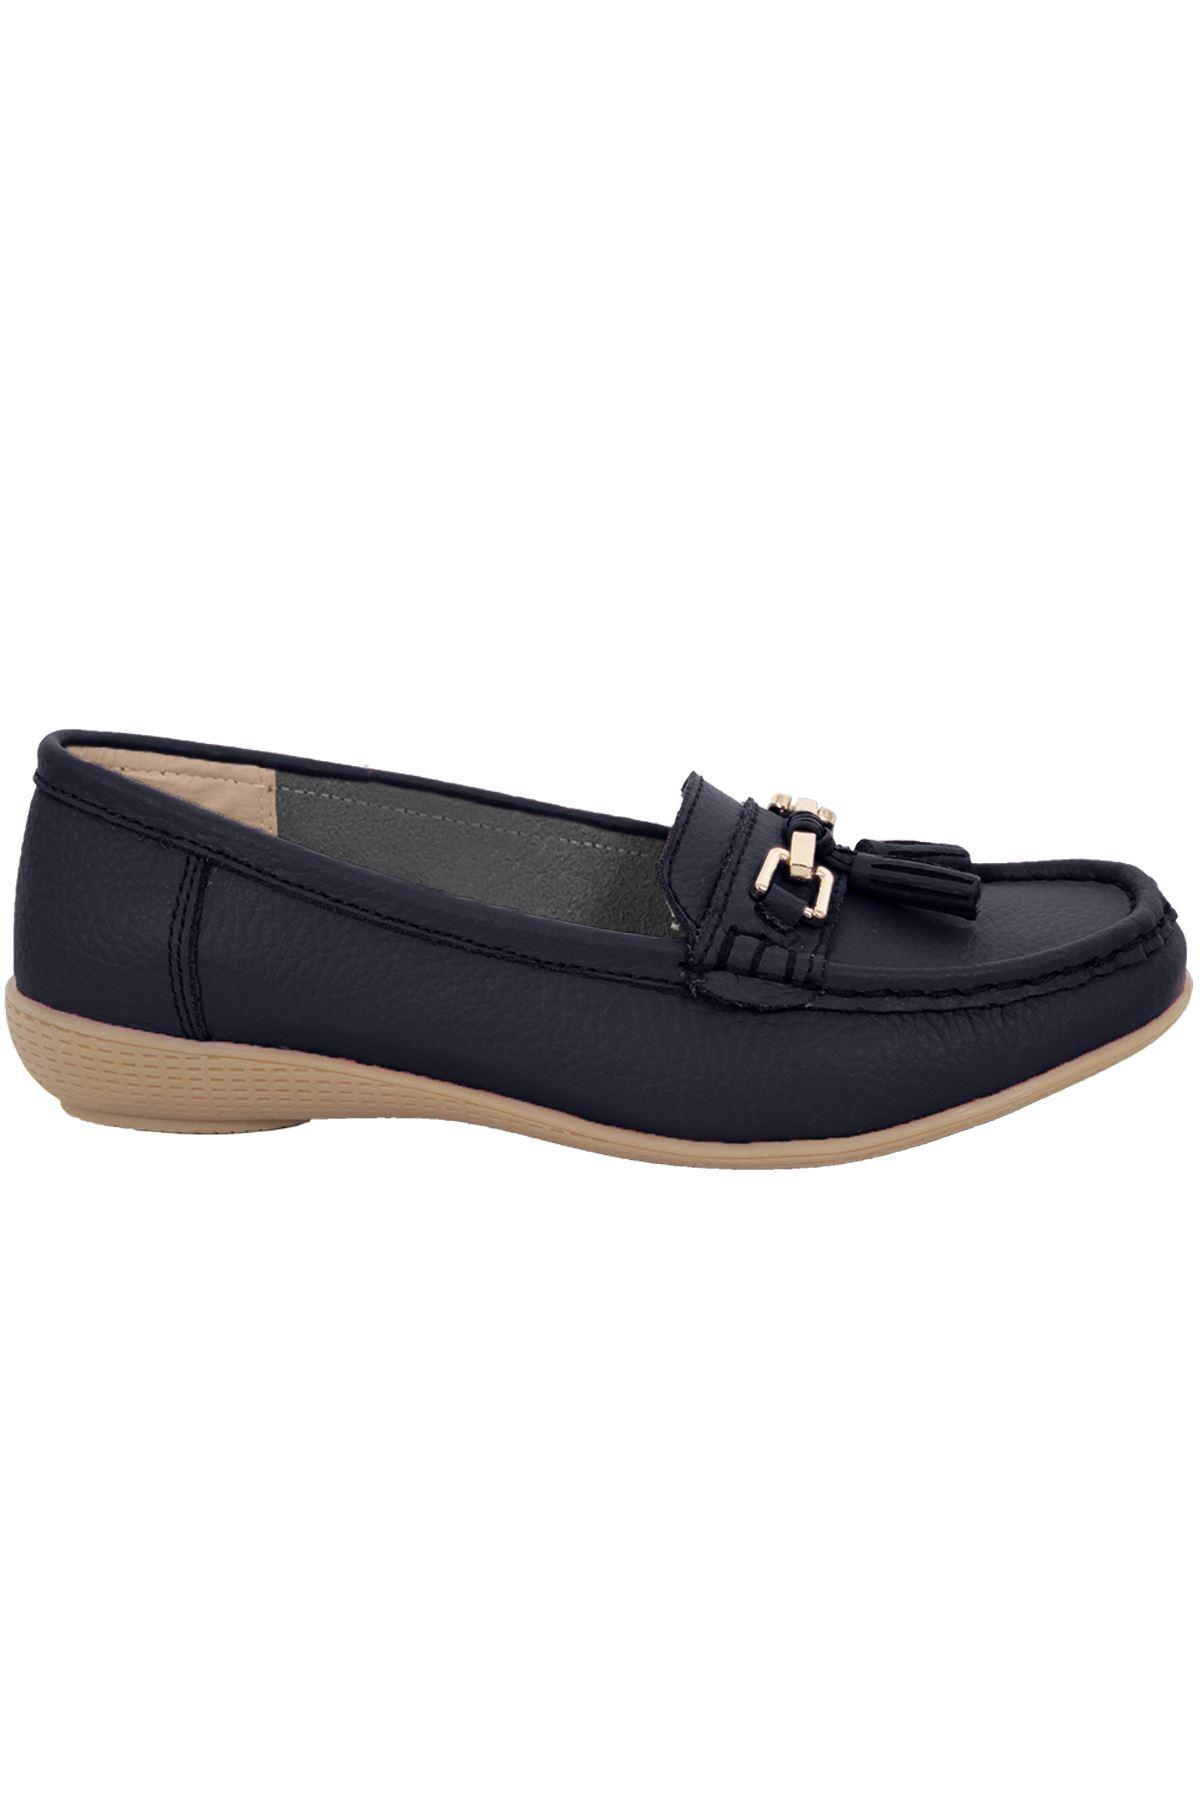 Damen Slipper Leder bequem Mokassins flach mit Quasten niedriger Absatz Schuhe